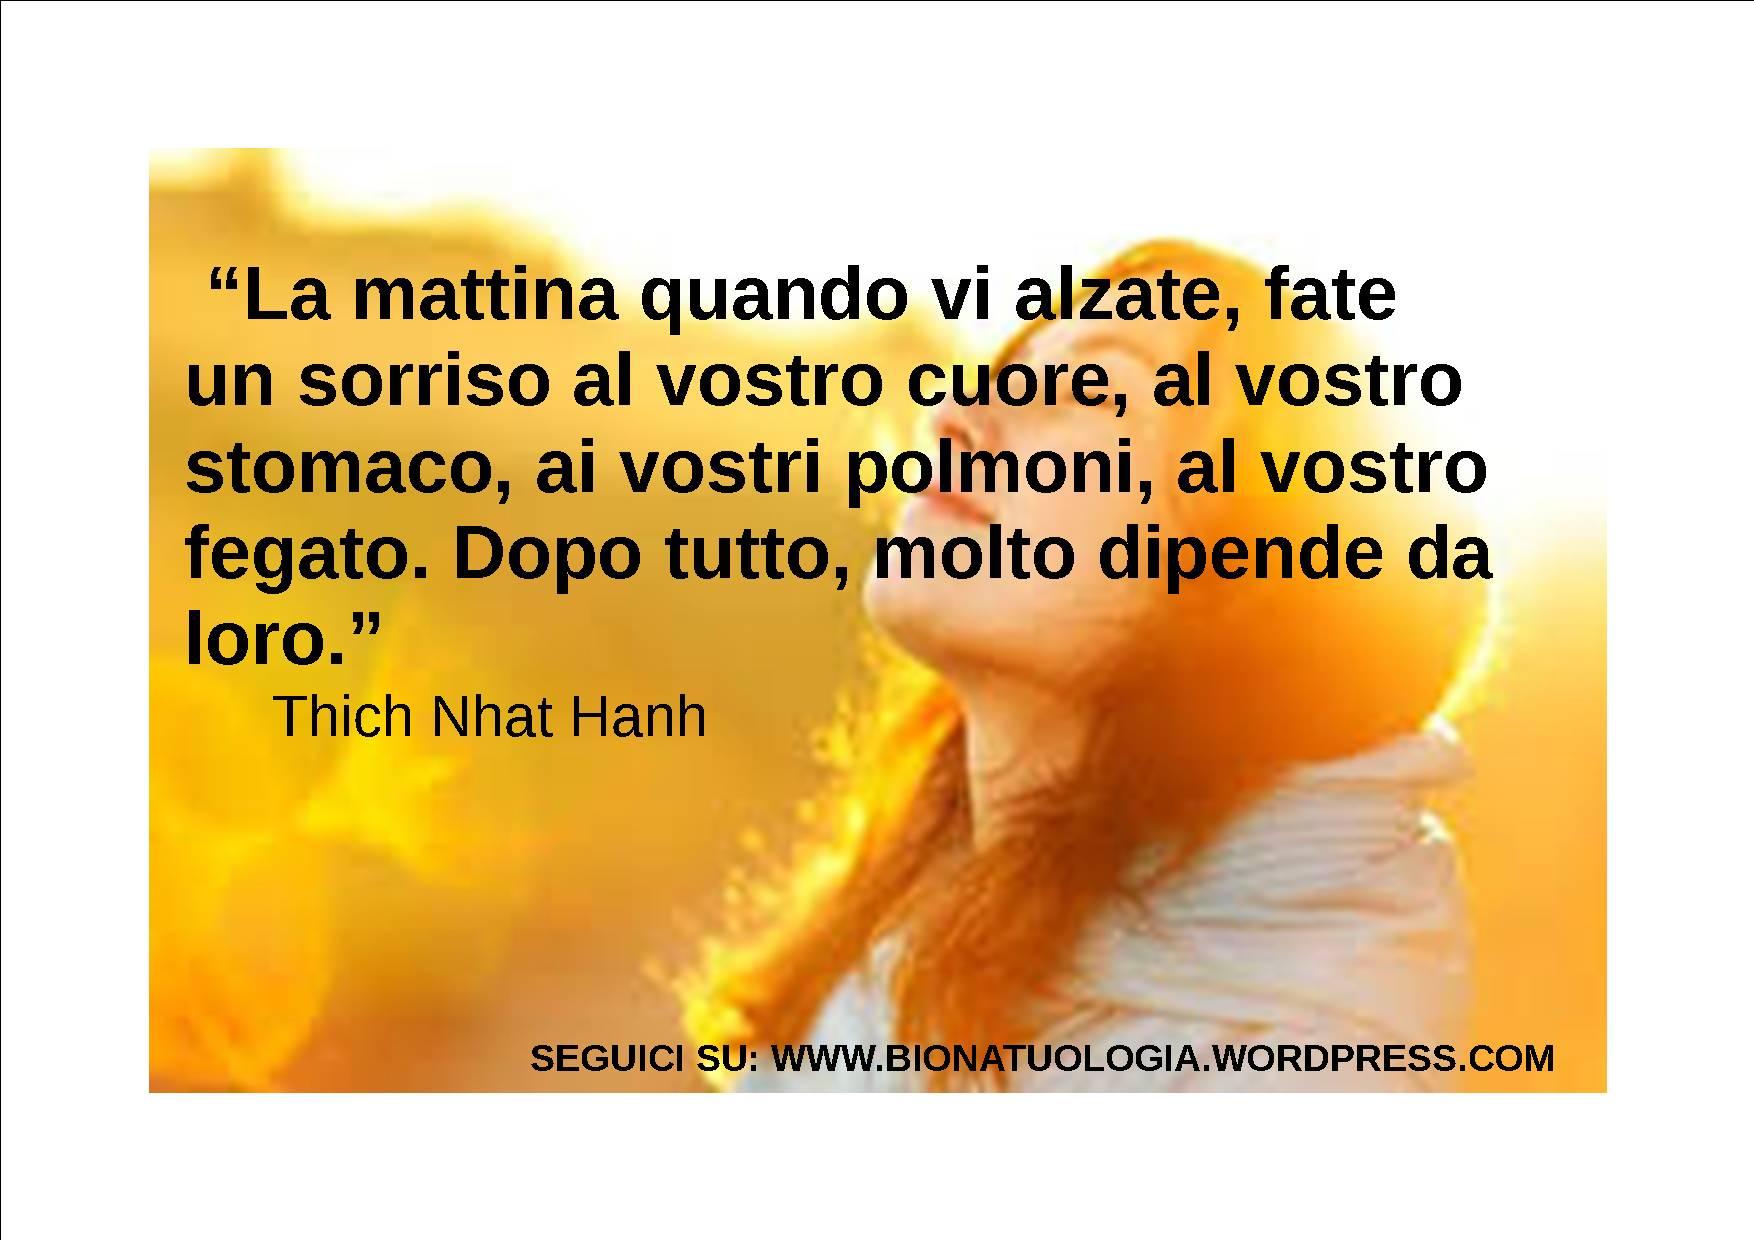 Frasi Thich Nhat Hanh Bionaturologia C